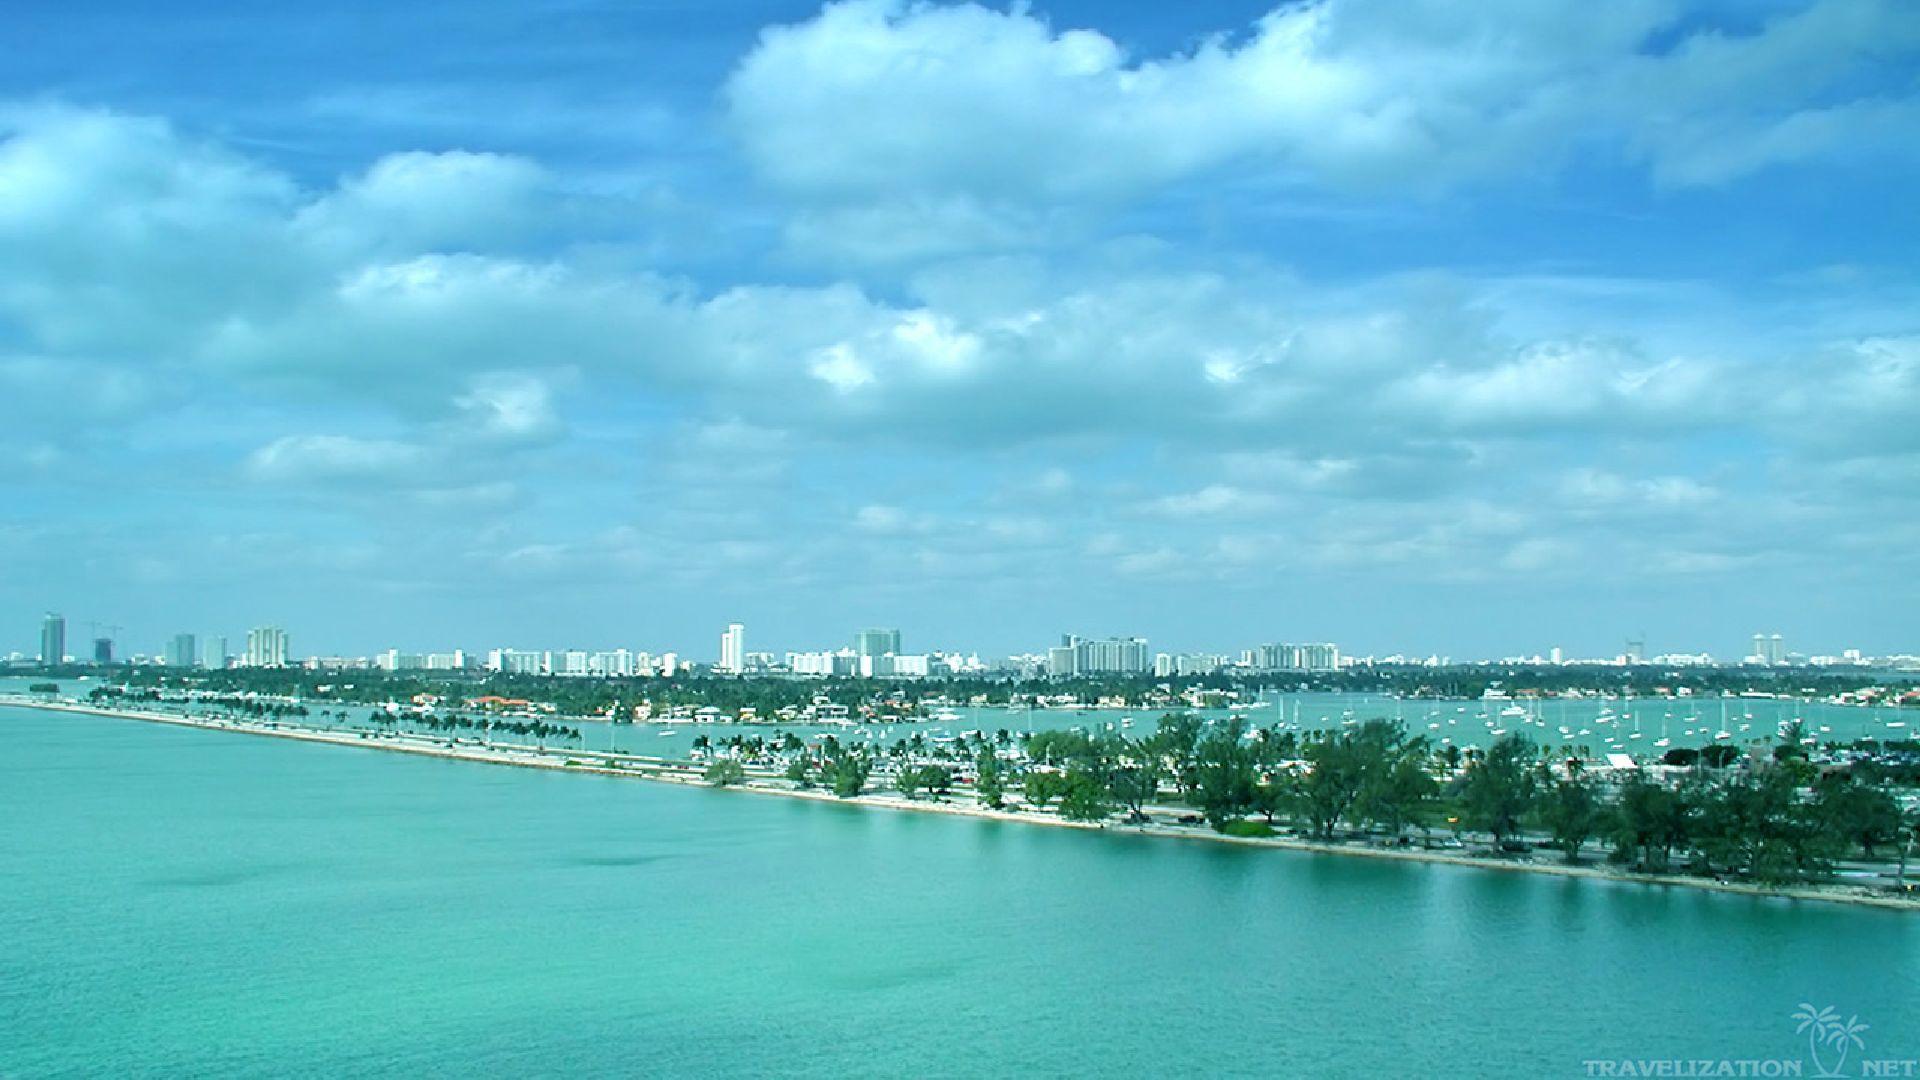 Hd wallpaper beach - Miami Beach Florida Pictures Hd Wallpaper Miami Beach Florida Pictures